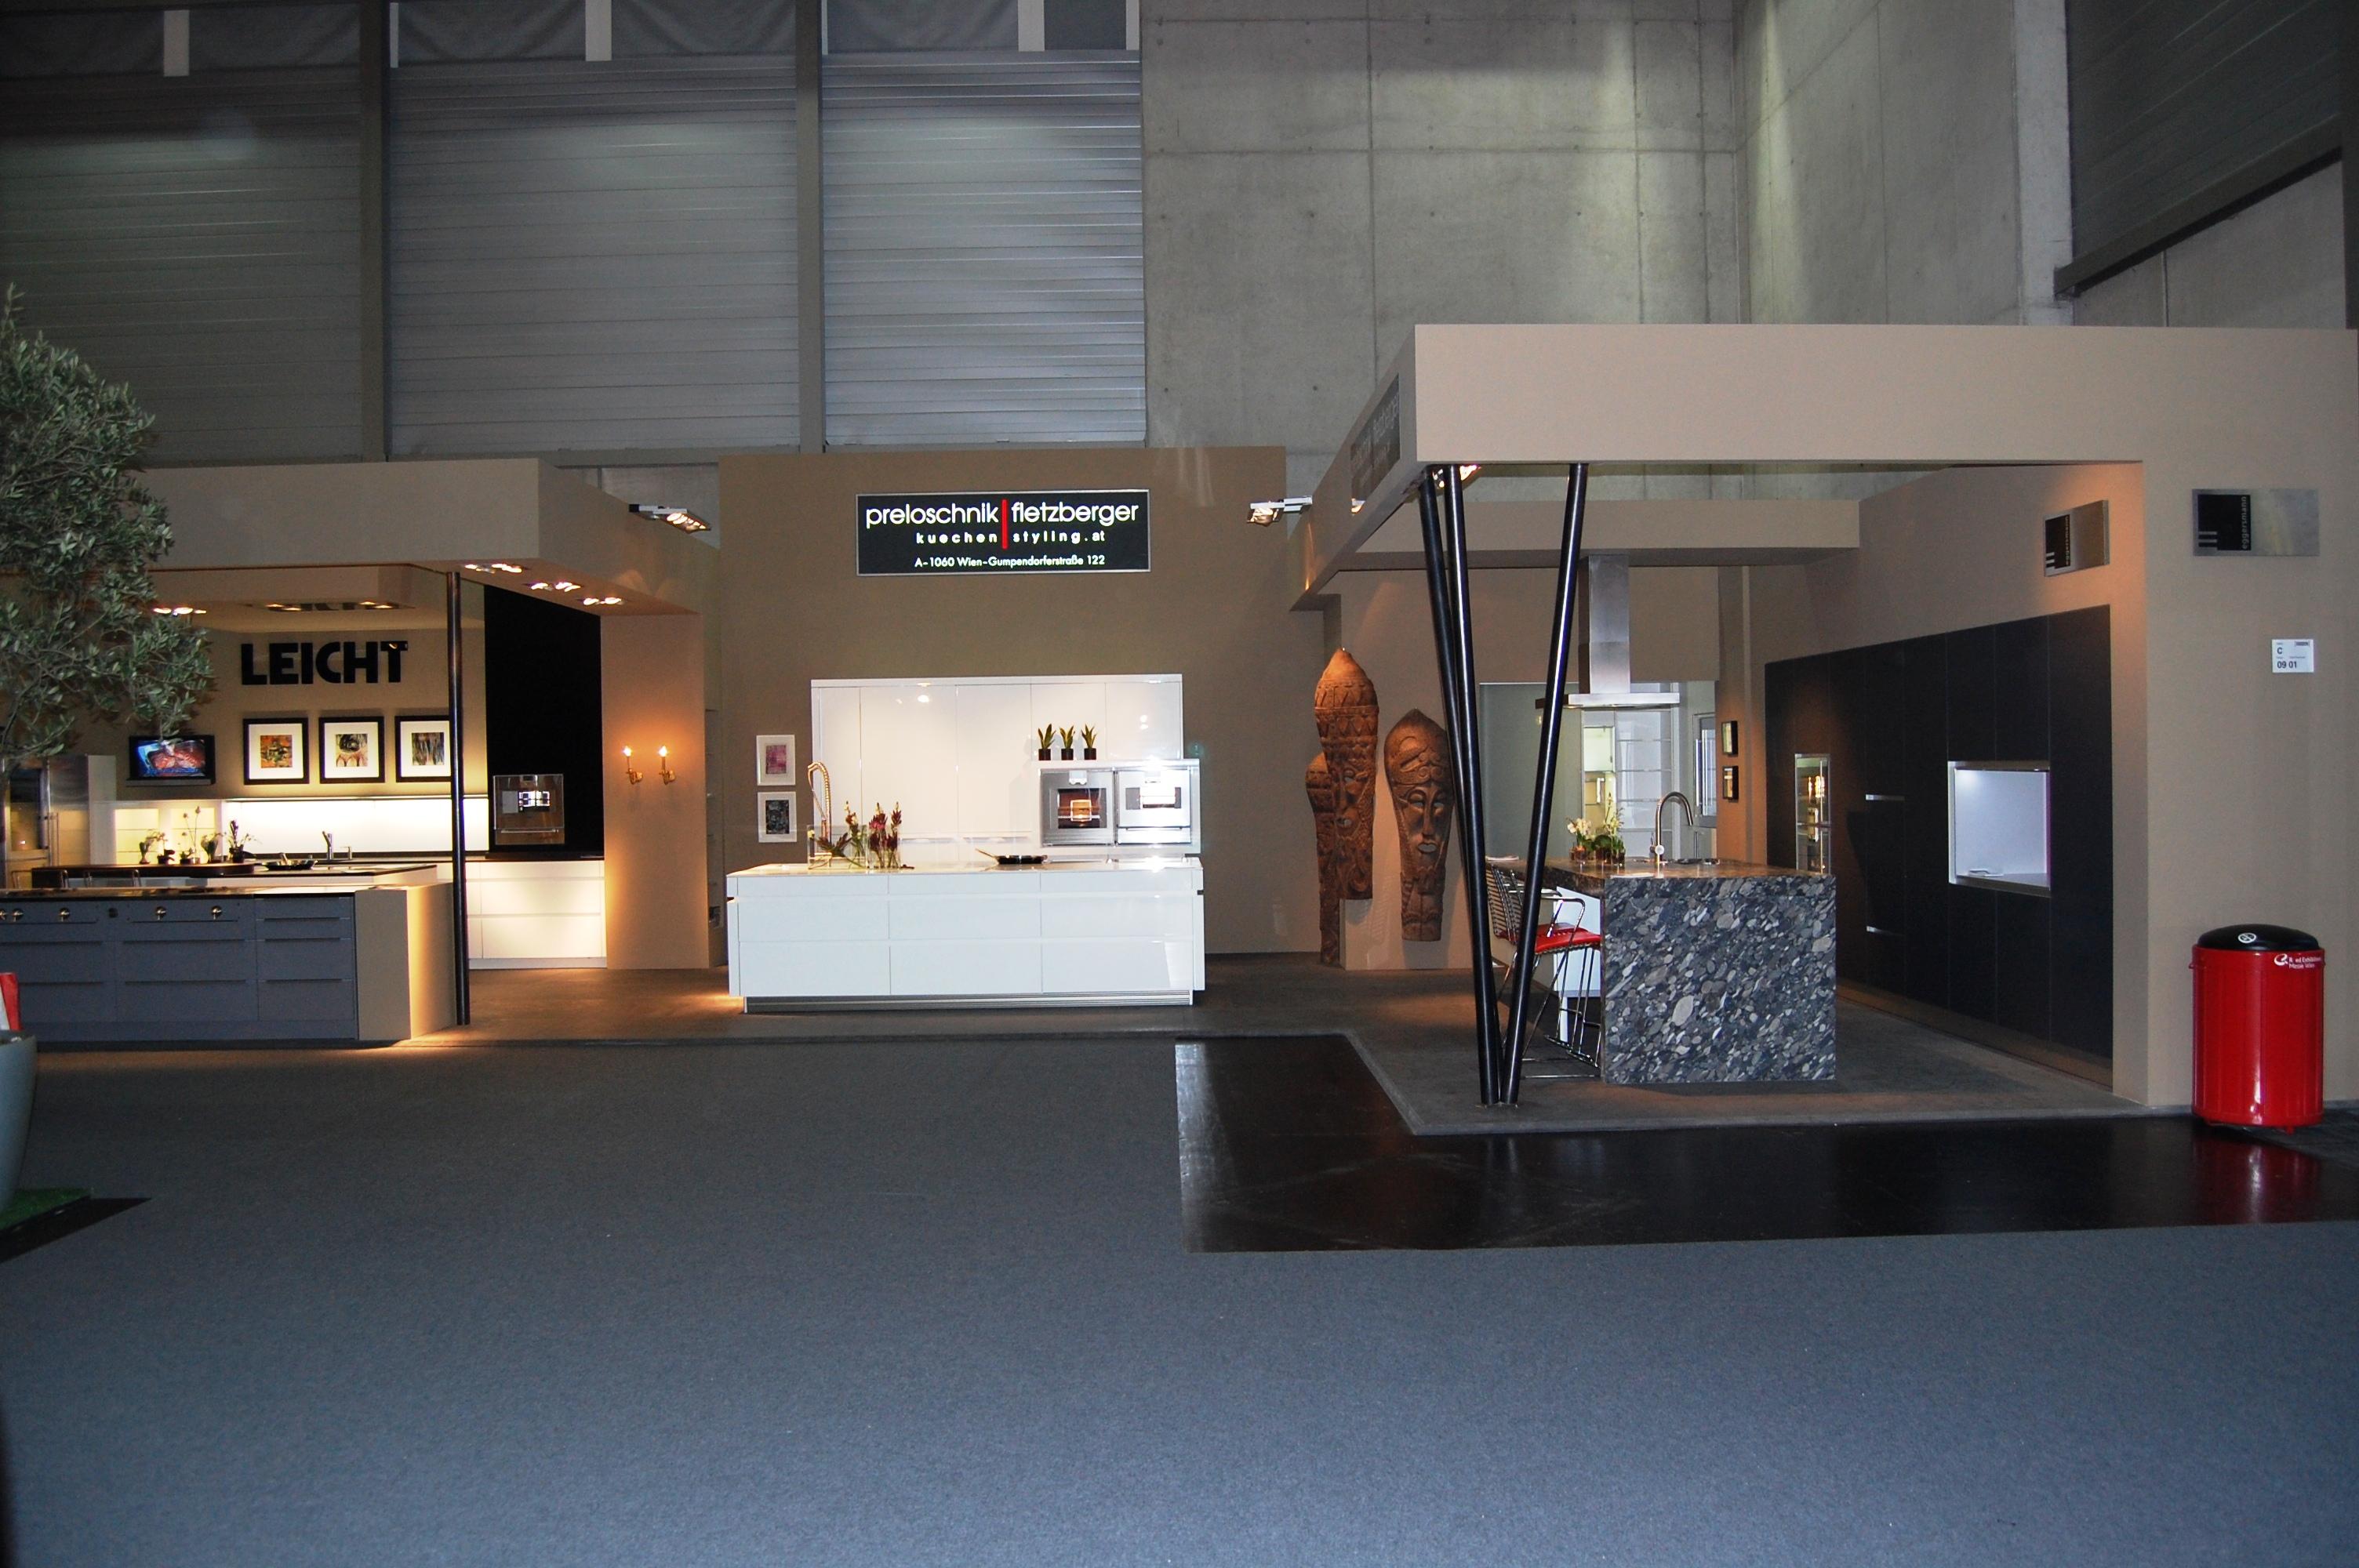 Wohnen interieur 2009 preloschnik for Interieur wohnen